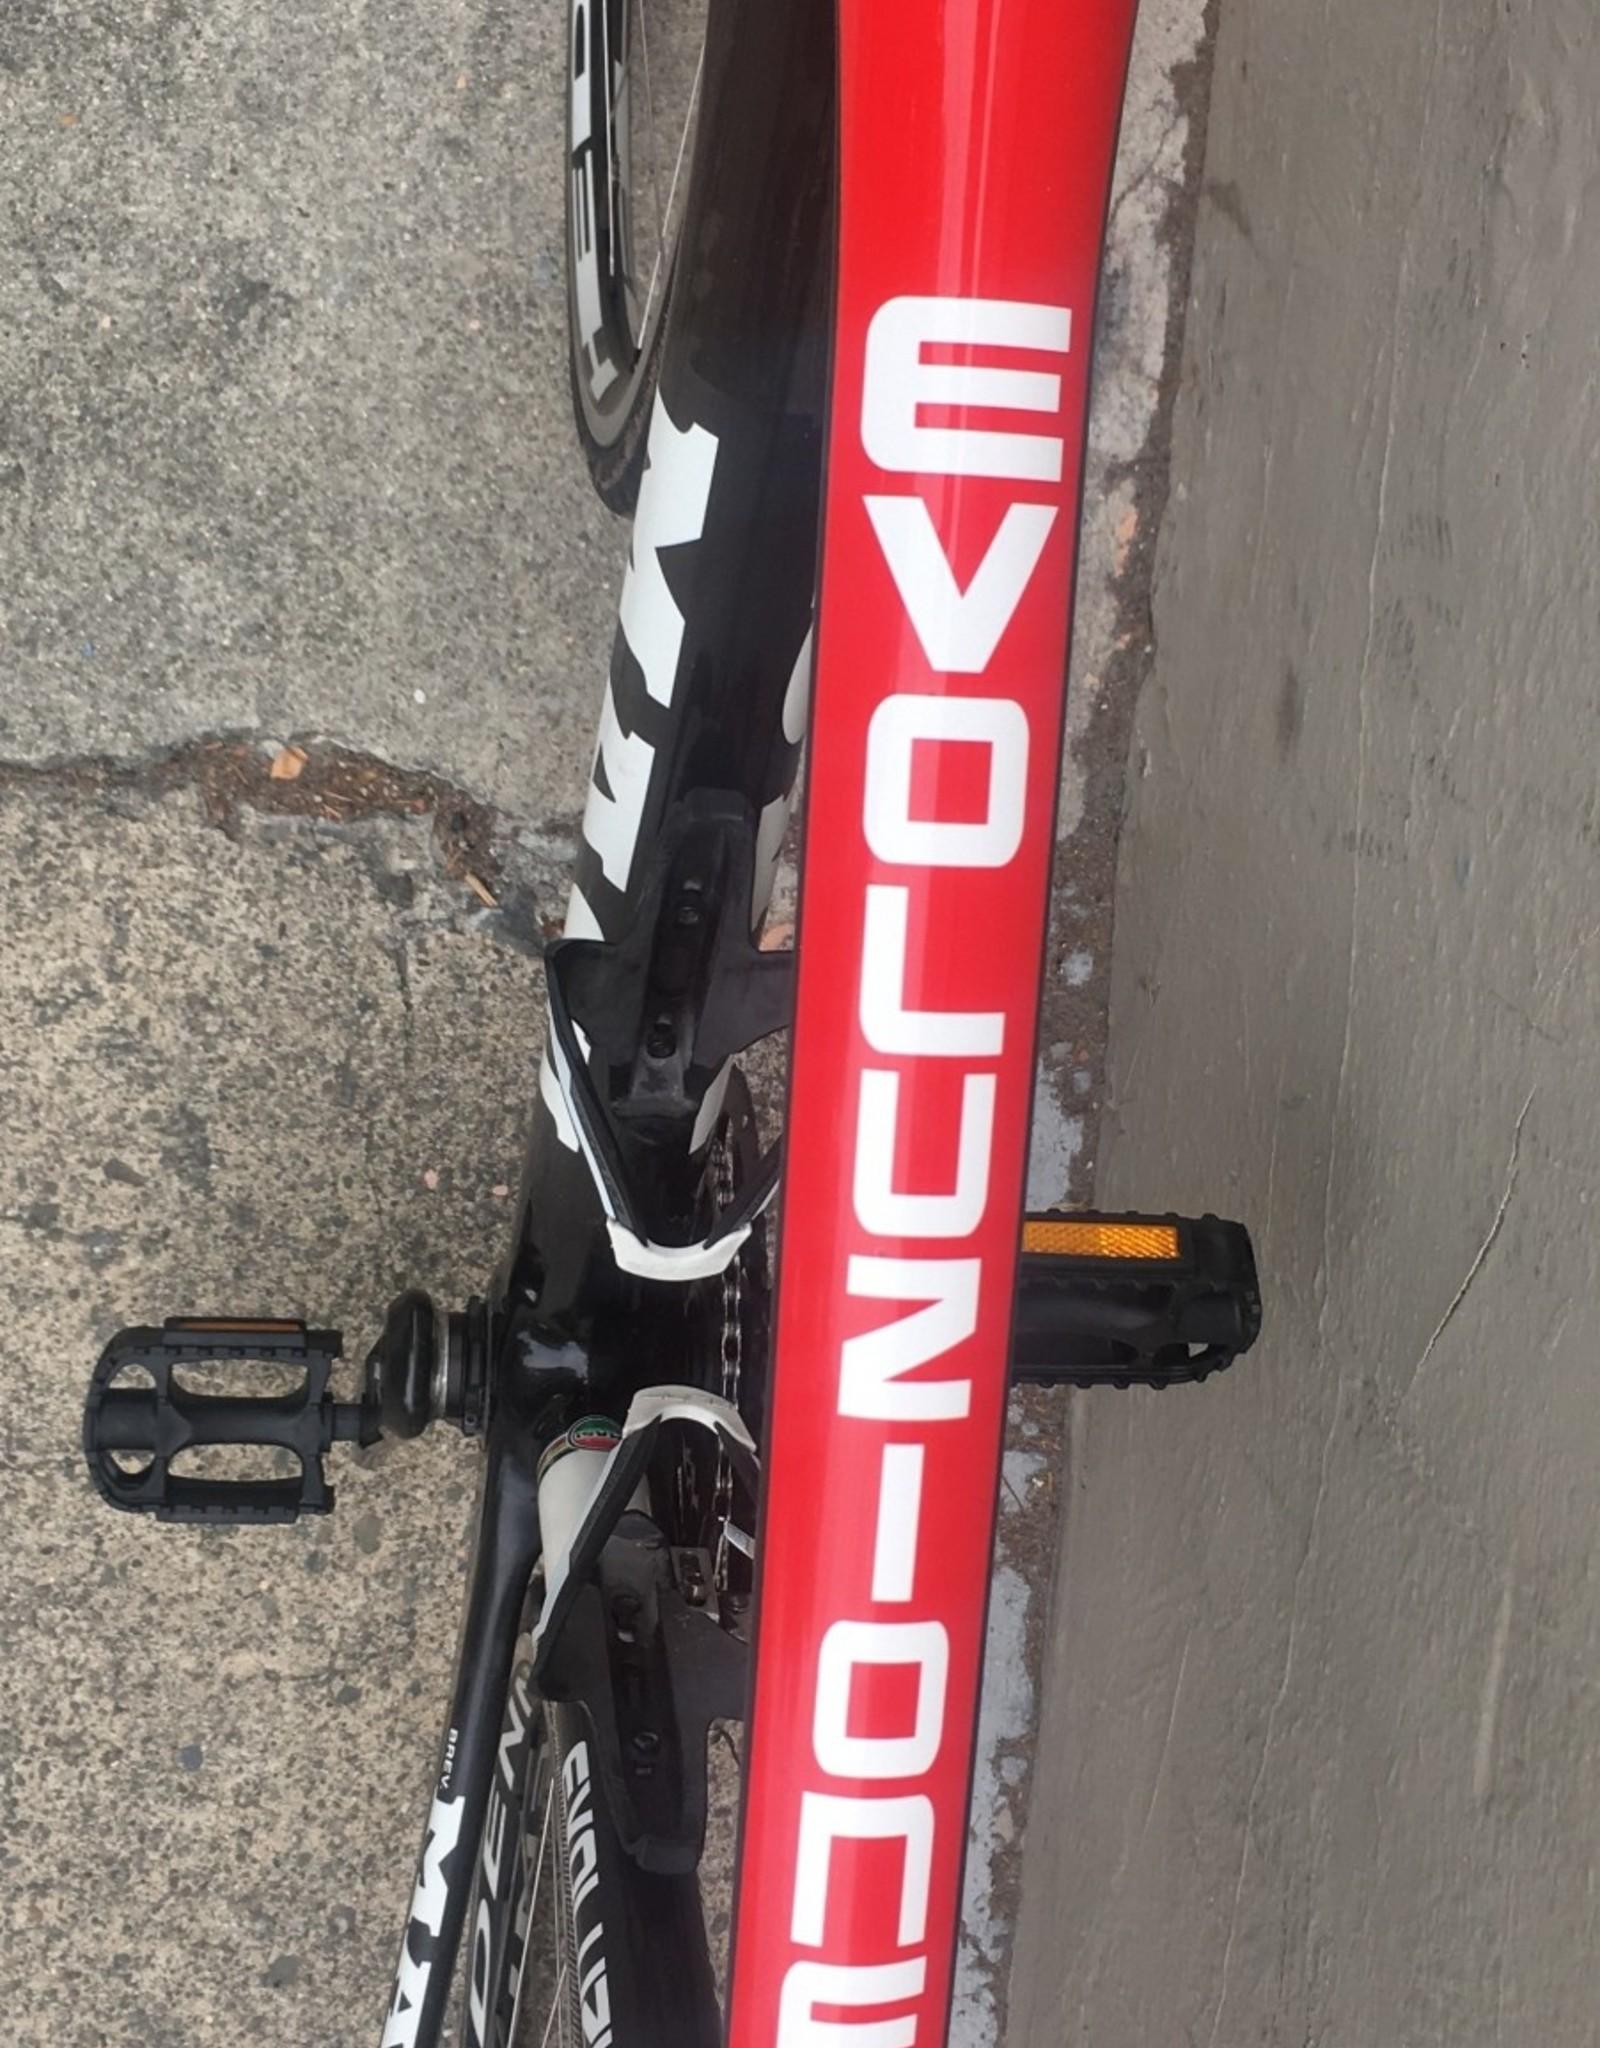 Masi Masi Evoluzione Triathlon Road, 62 cm, 2011, Black/Red